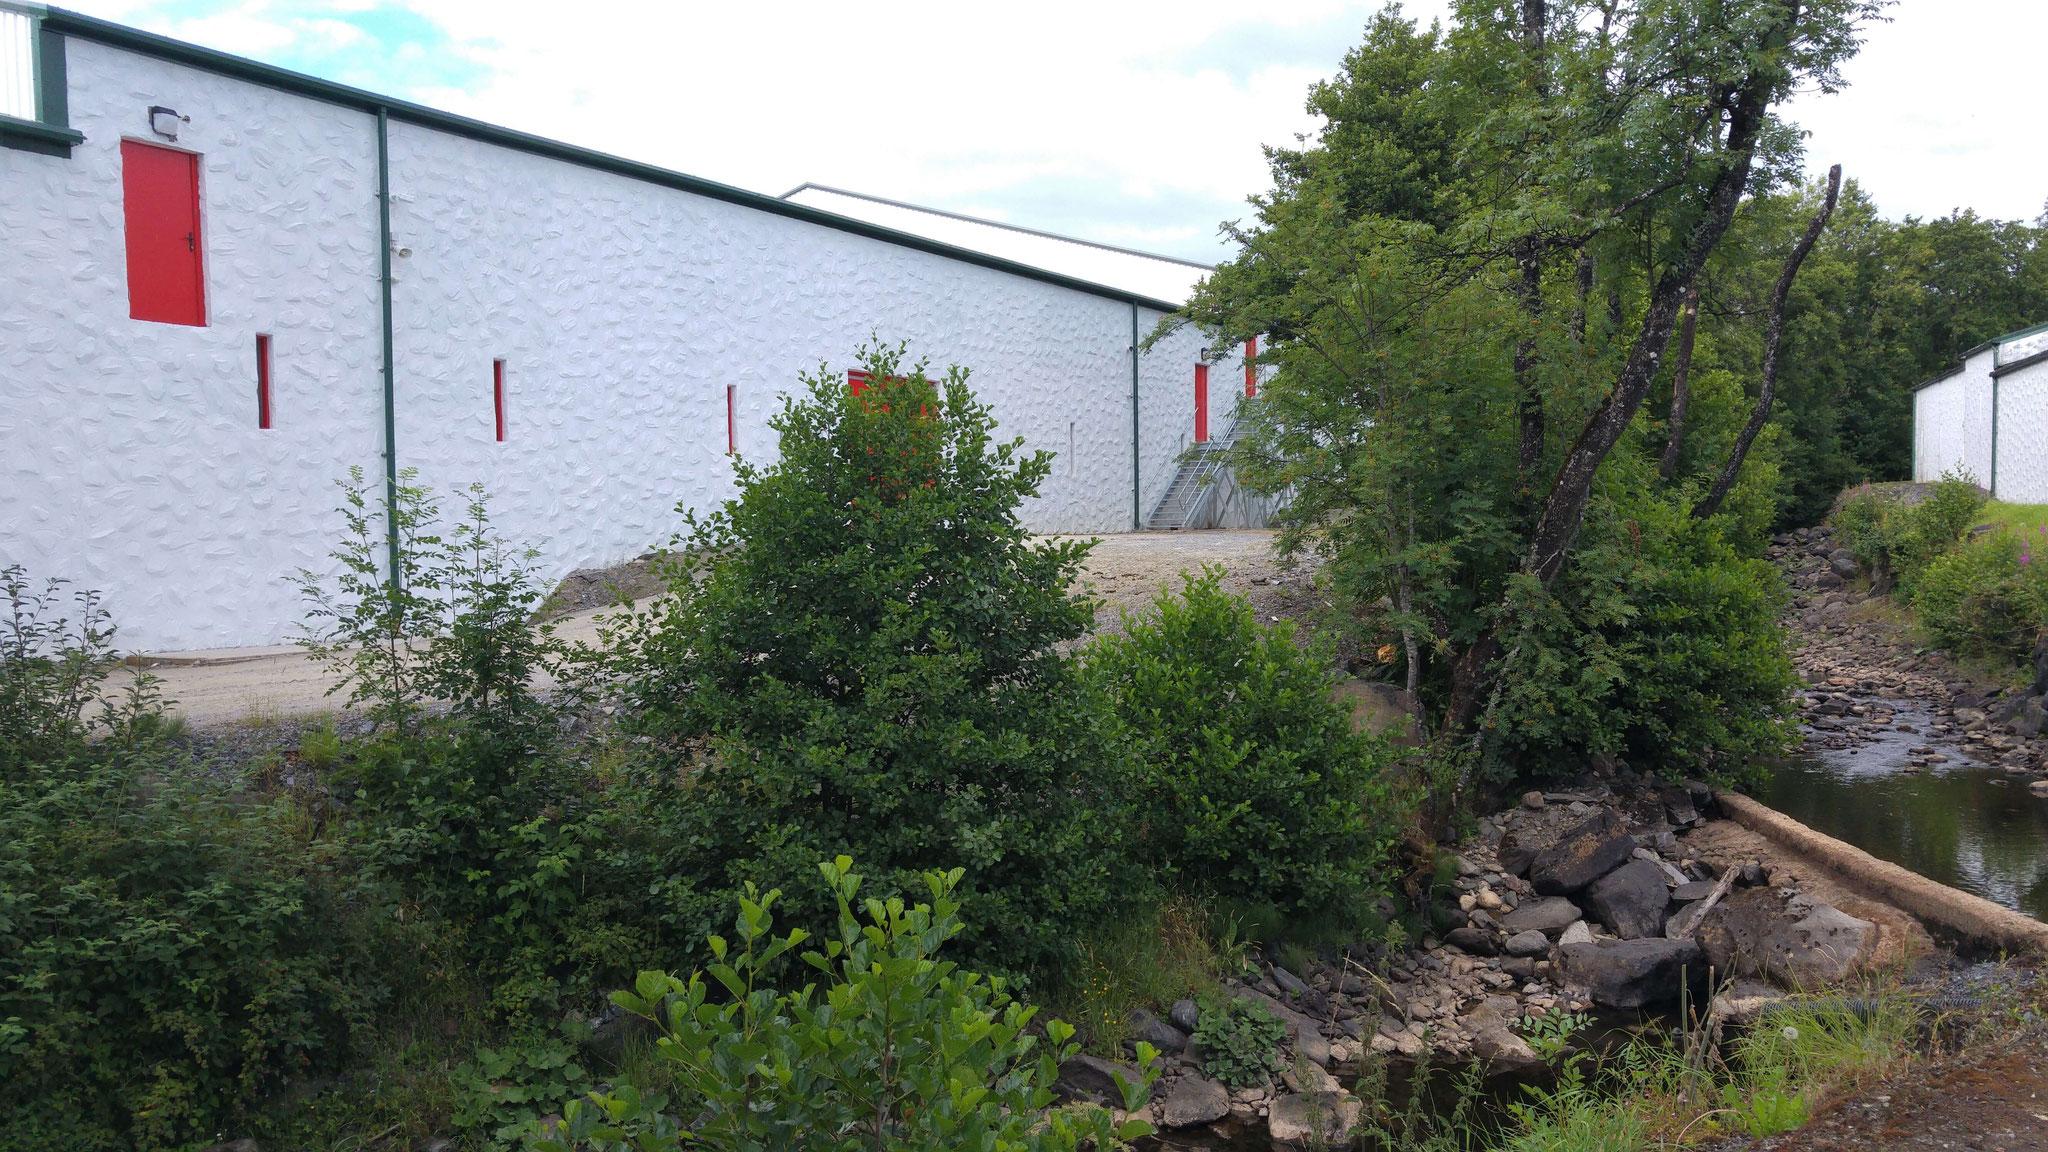 Die neue Brennerei, auch Edradour 2 genannt. Zum Glück passt sie gut in das Gesamtbild.